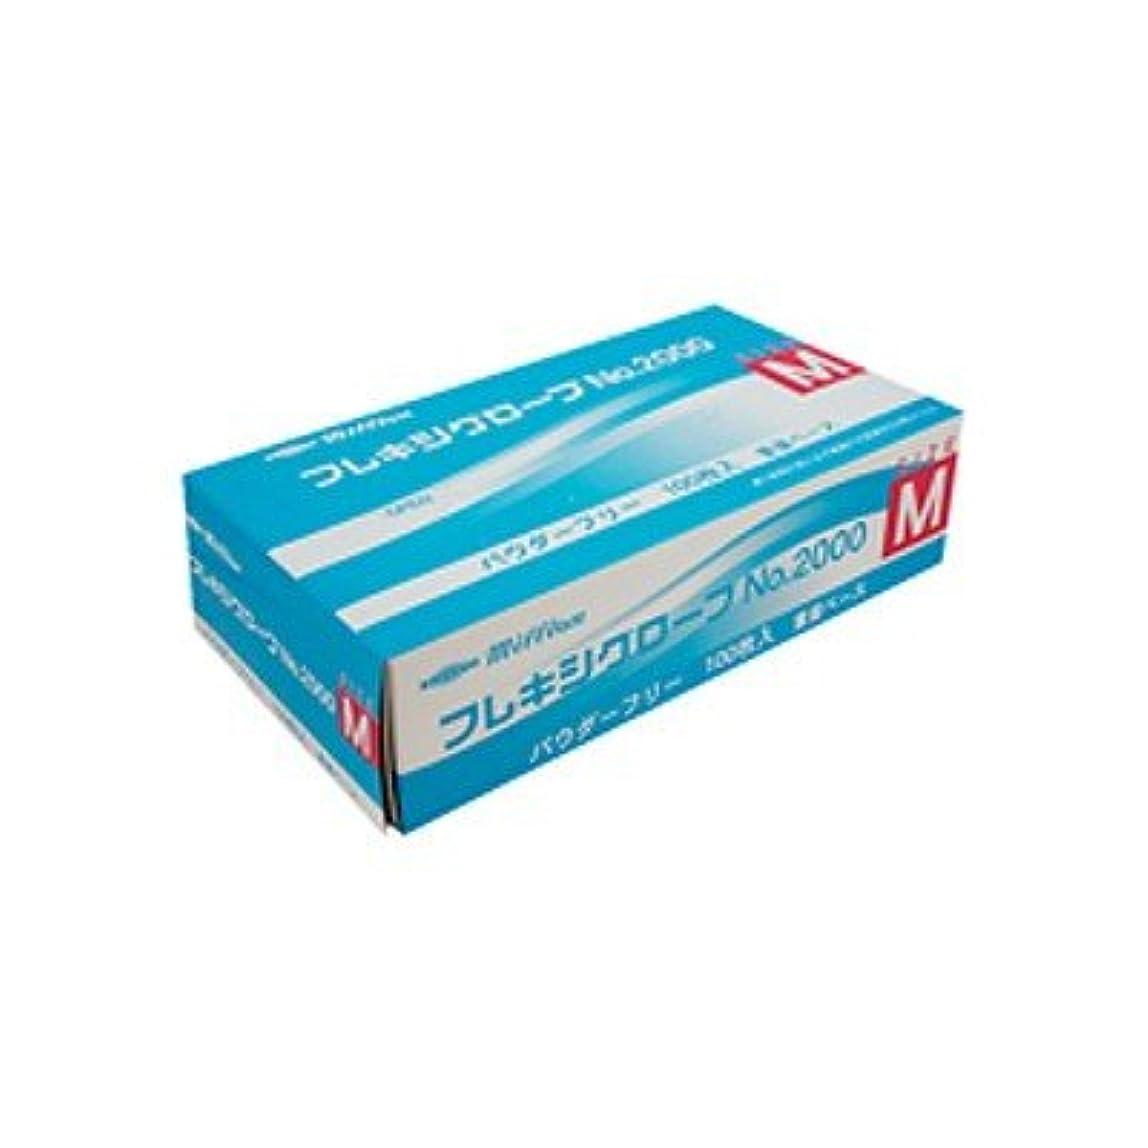 エレクトロニック払い戻し権利を与えるミリオン プラスチック手袋 粉無No.2000 M 品番:LH-2000-M 注文番号:62741637 メーカー:共和